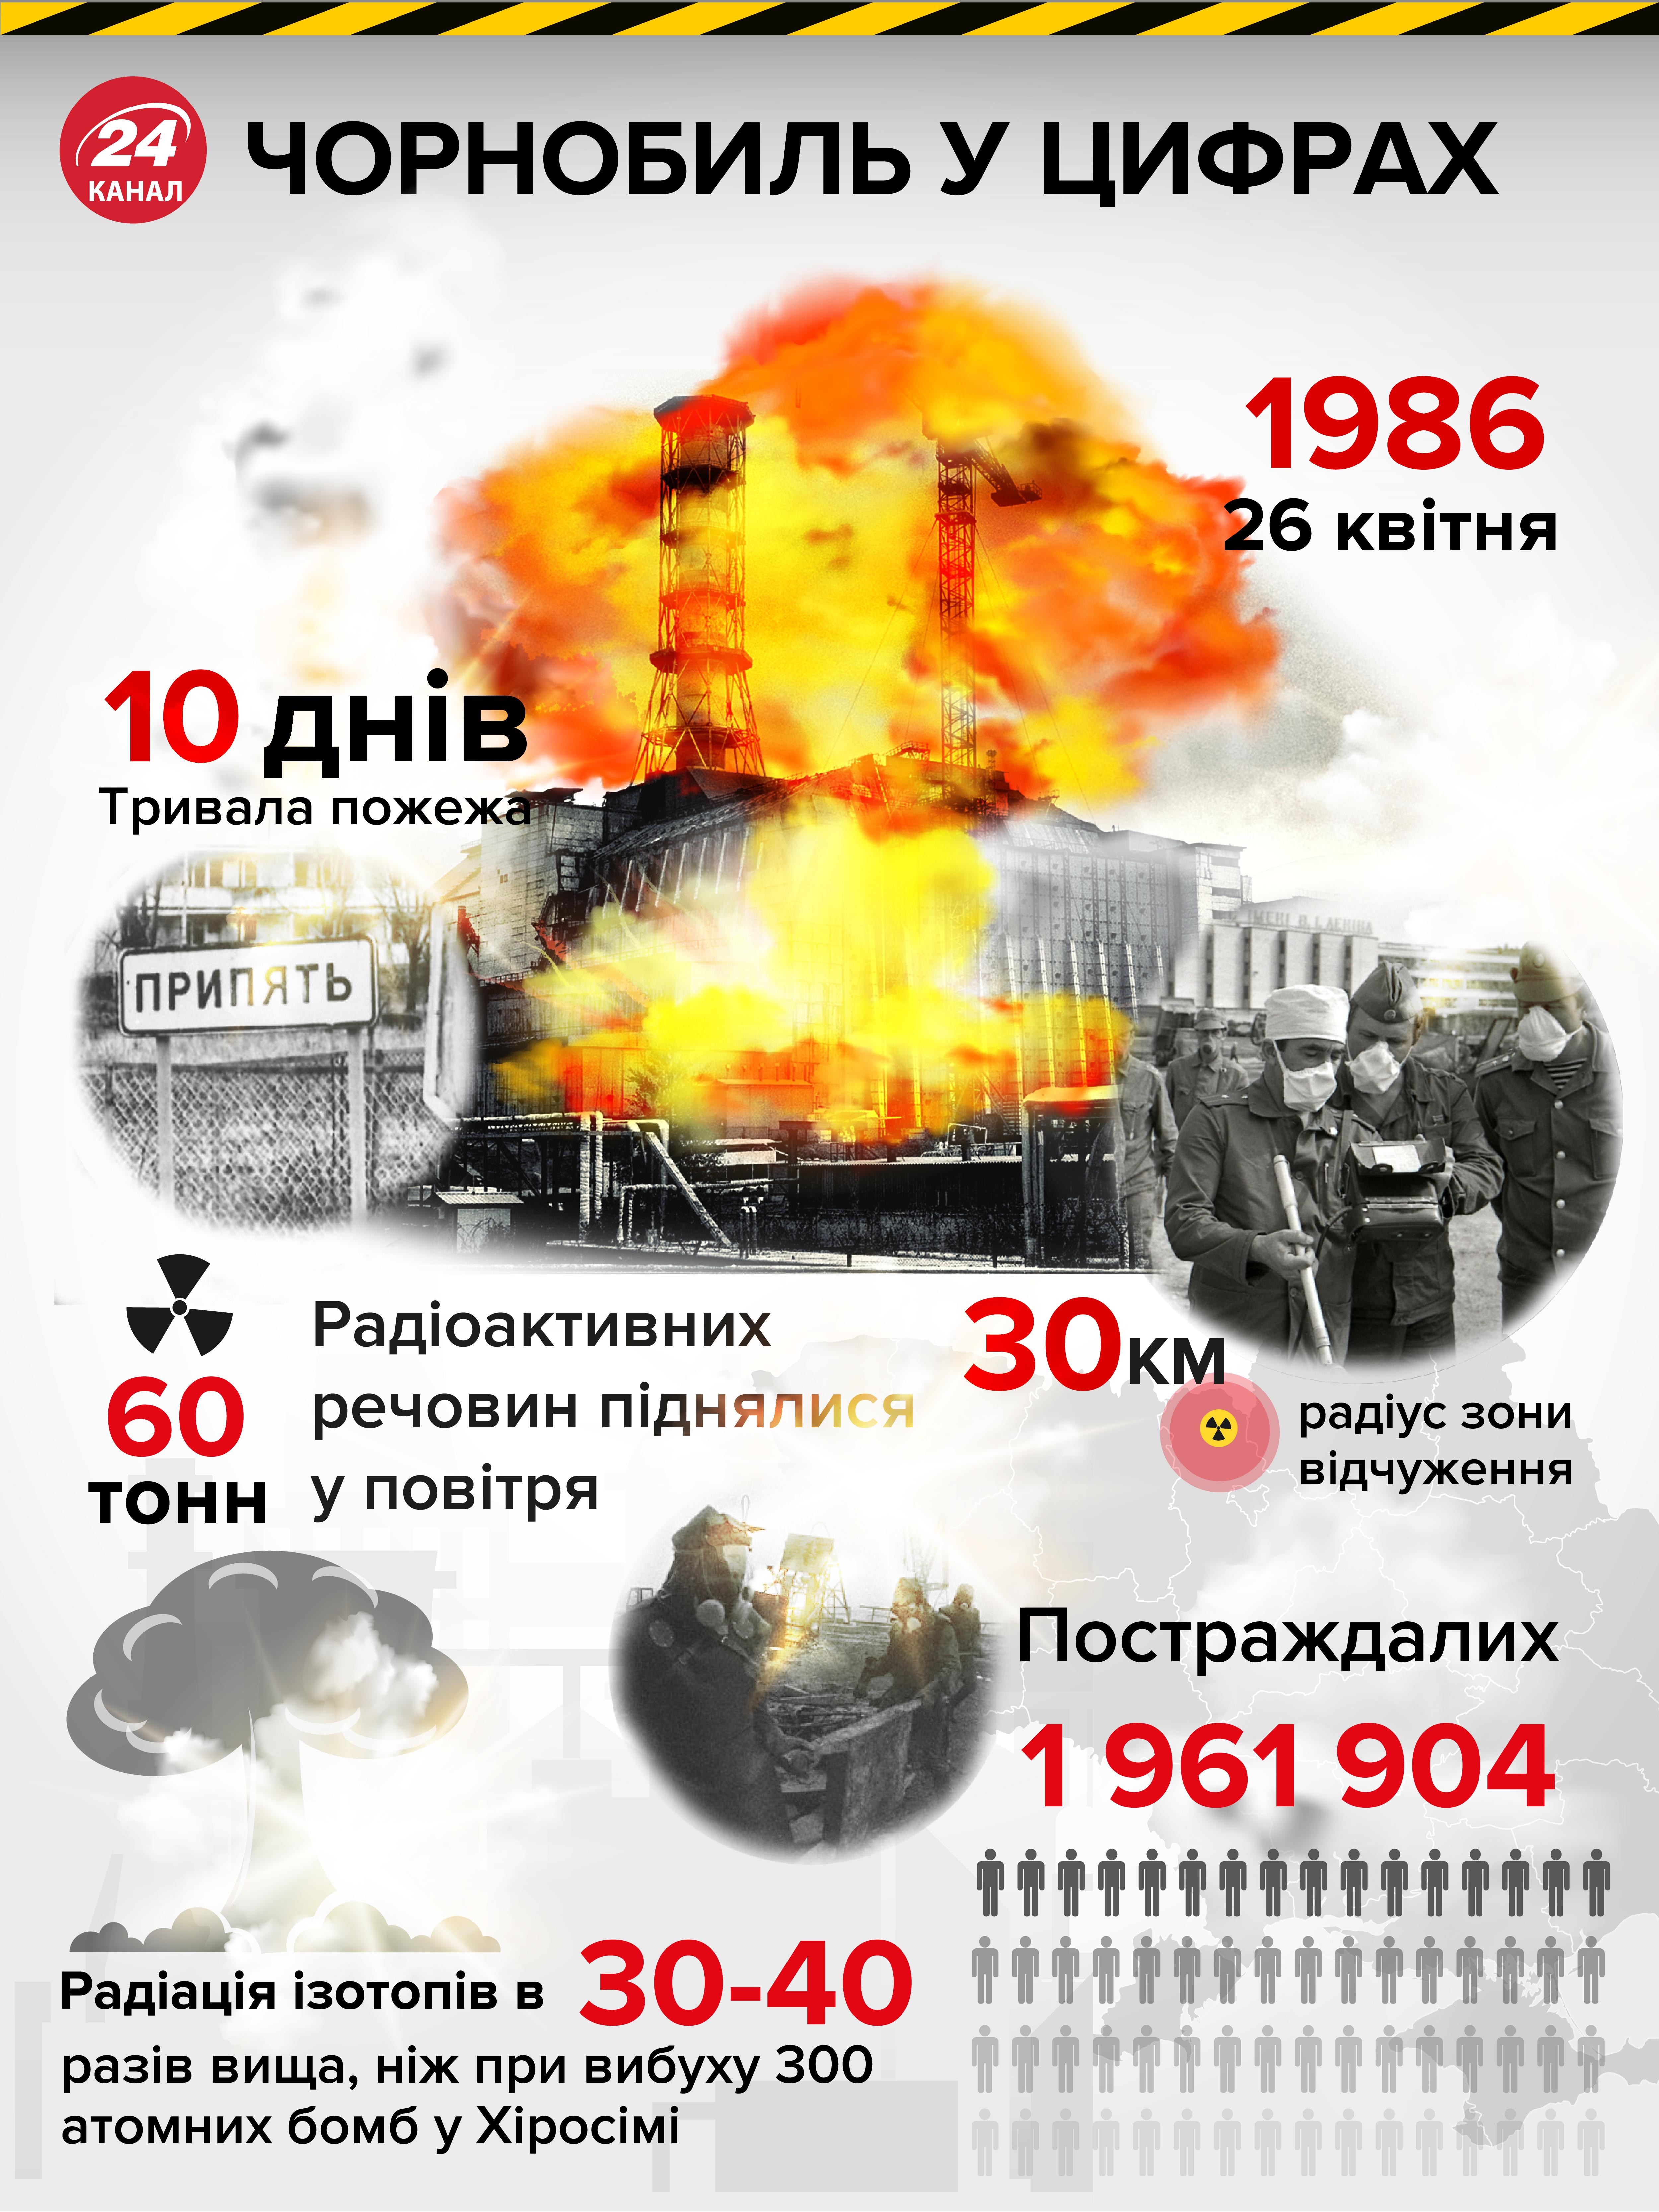 Аварія у Чорнобилі в цифрах